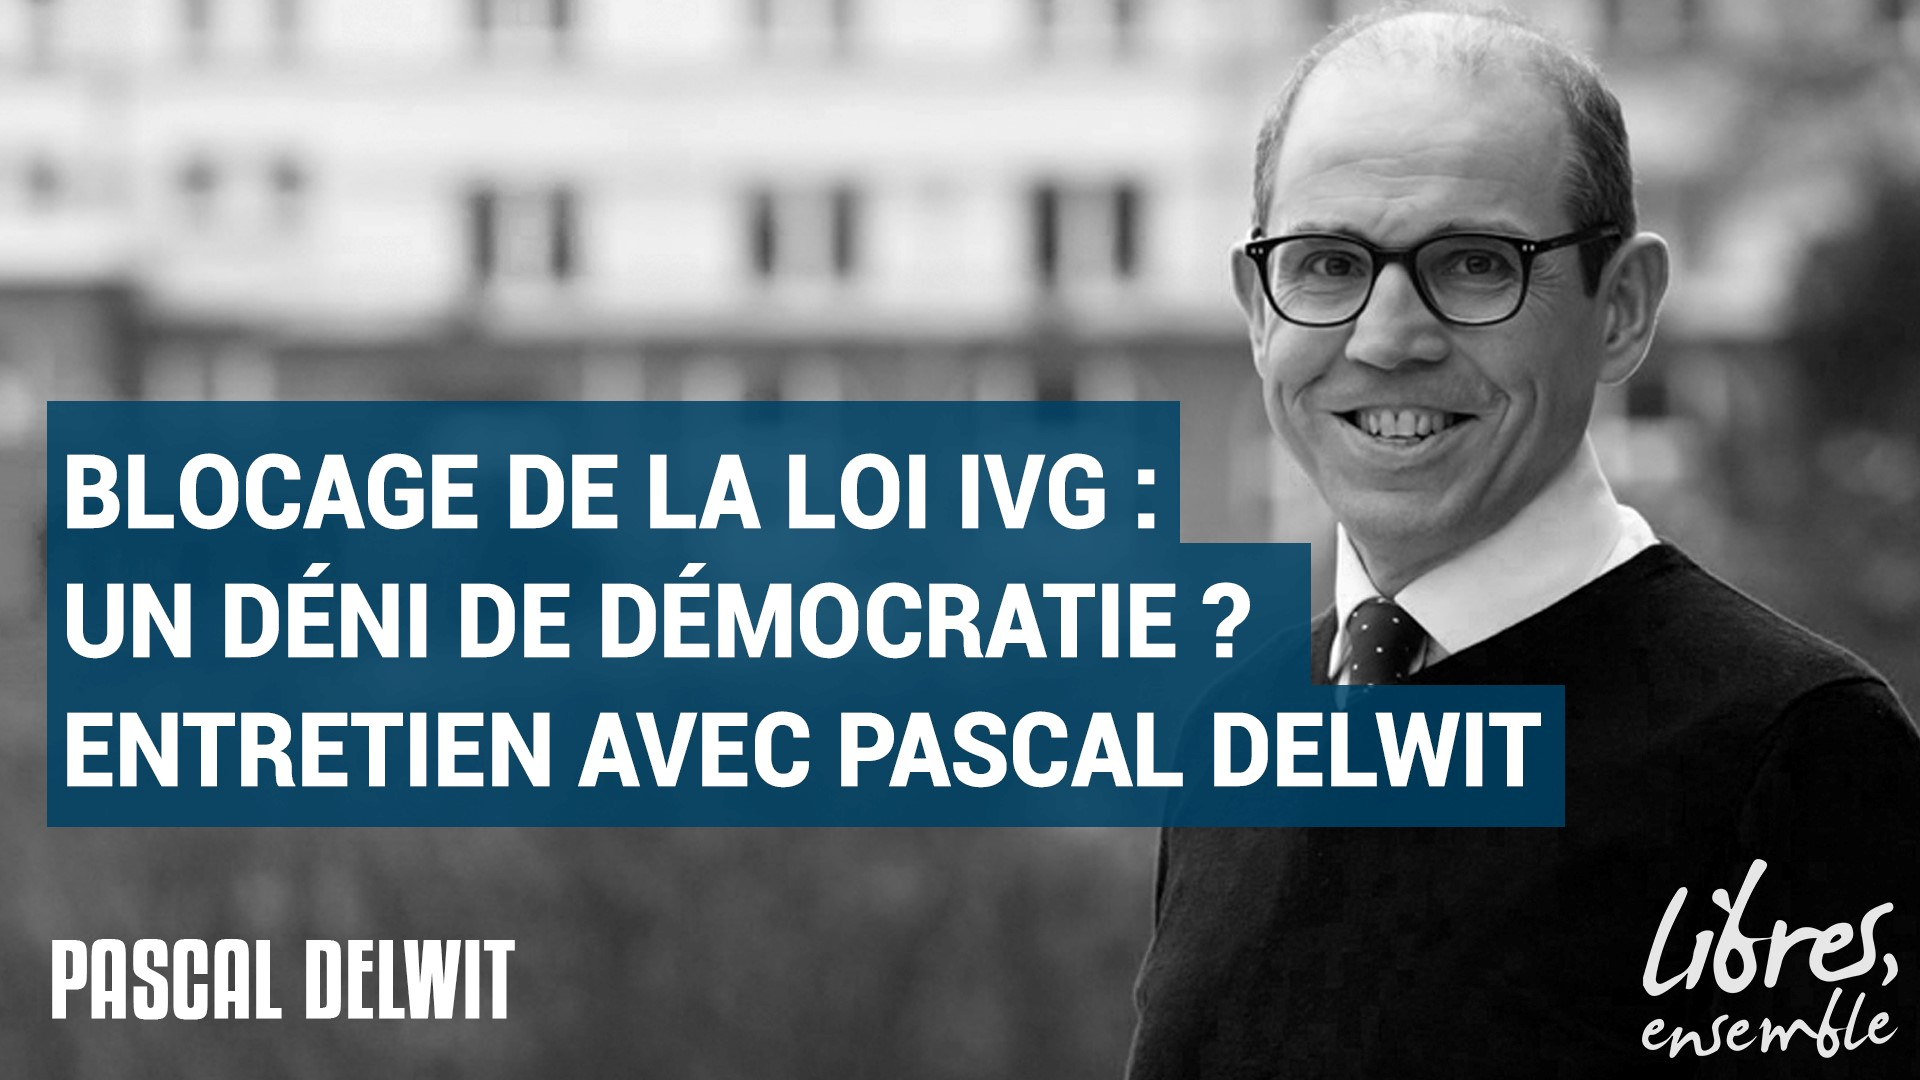 Blocage de la loi IVG: un déni de démocratie? – Entretien avec Pascal Delwit